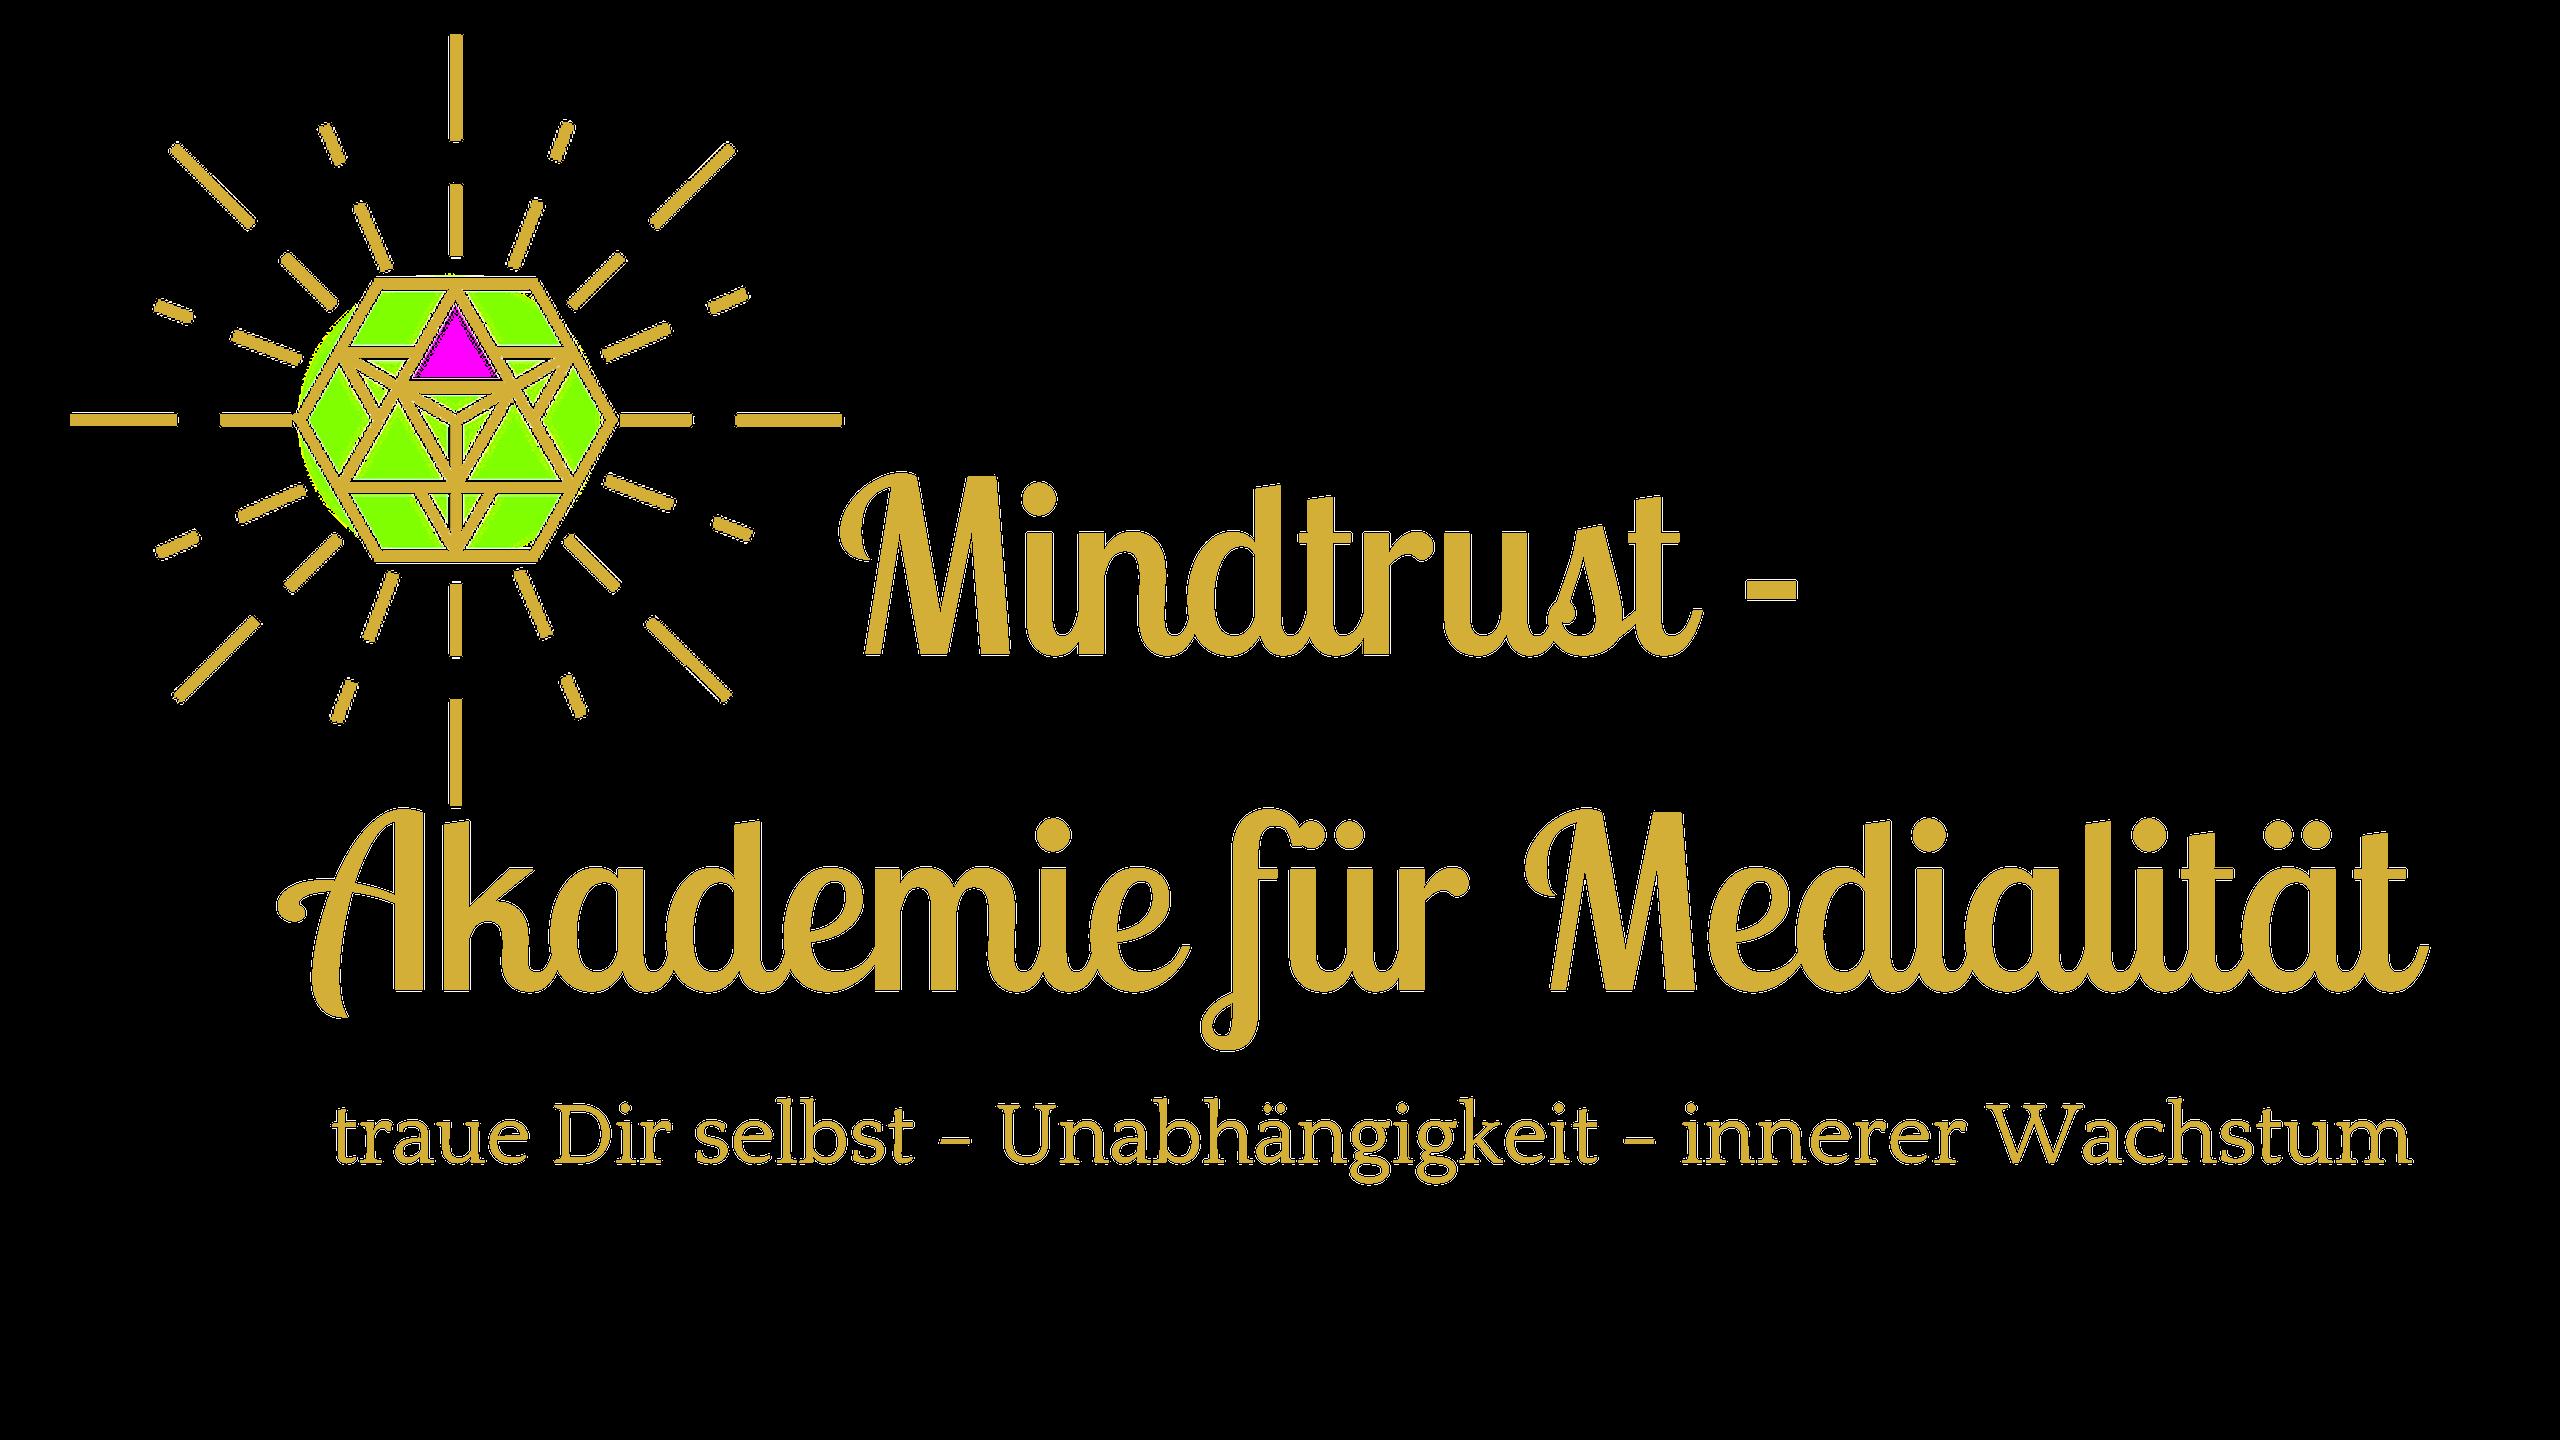 Logo Akademie für Medialität